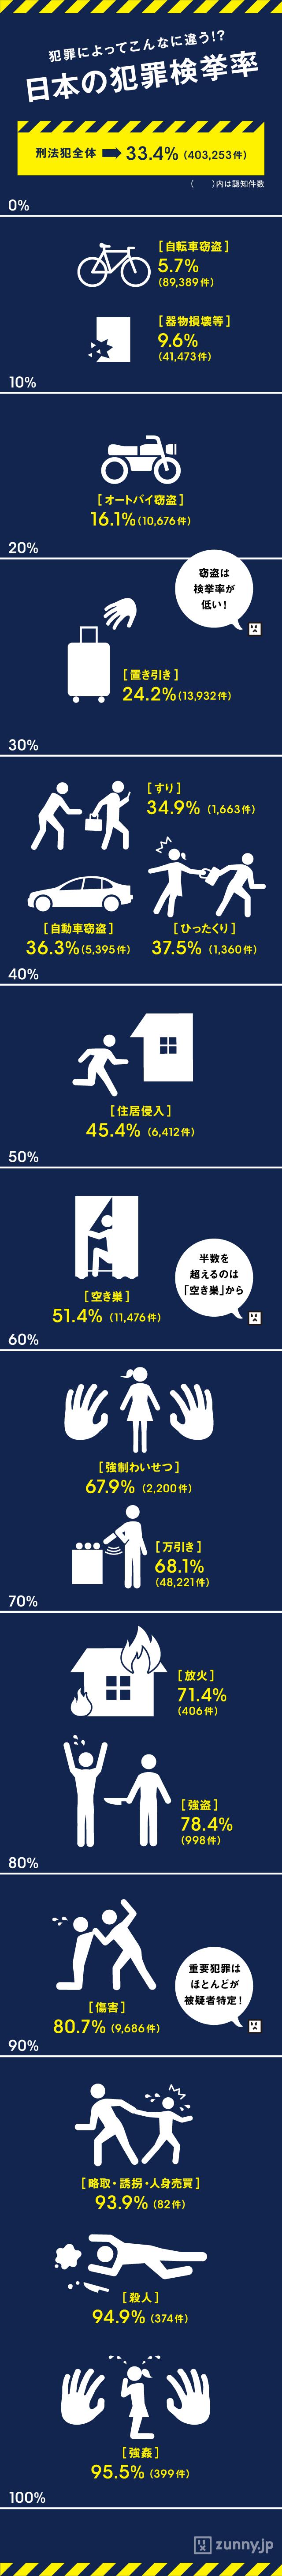 インフォグラフィック:日本の犯罪件数の推移と検挙率。世界で最も危険な国とは?